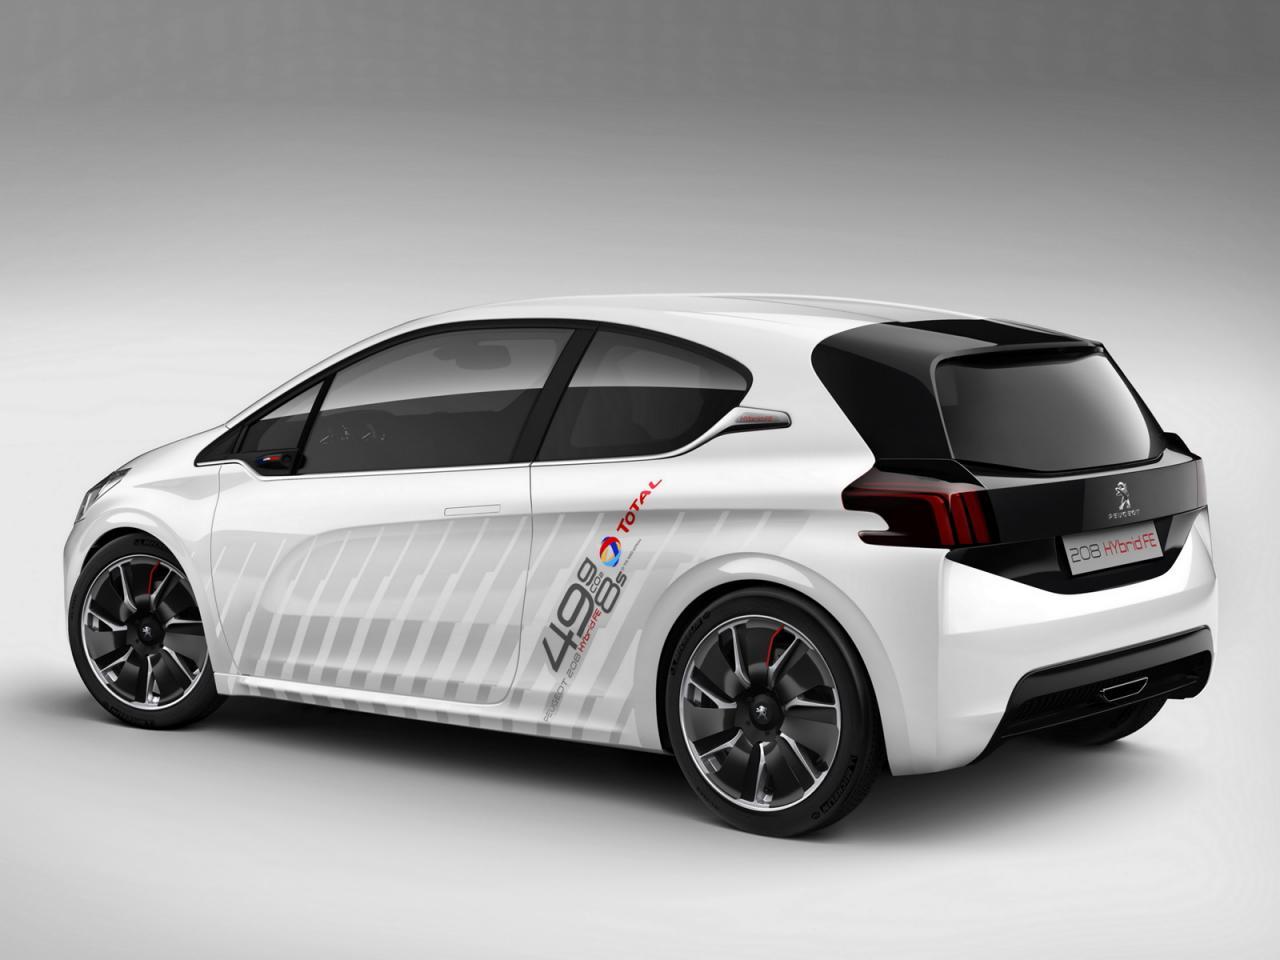 Peugeot 208 Hybrid FE Concept (1)